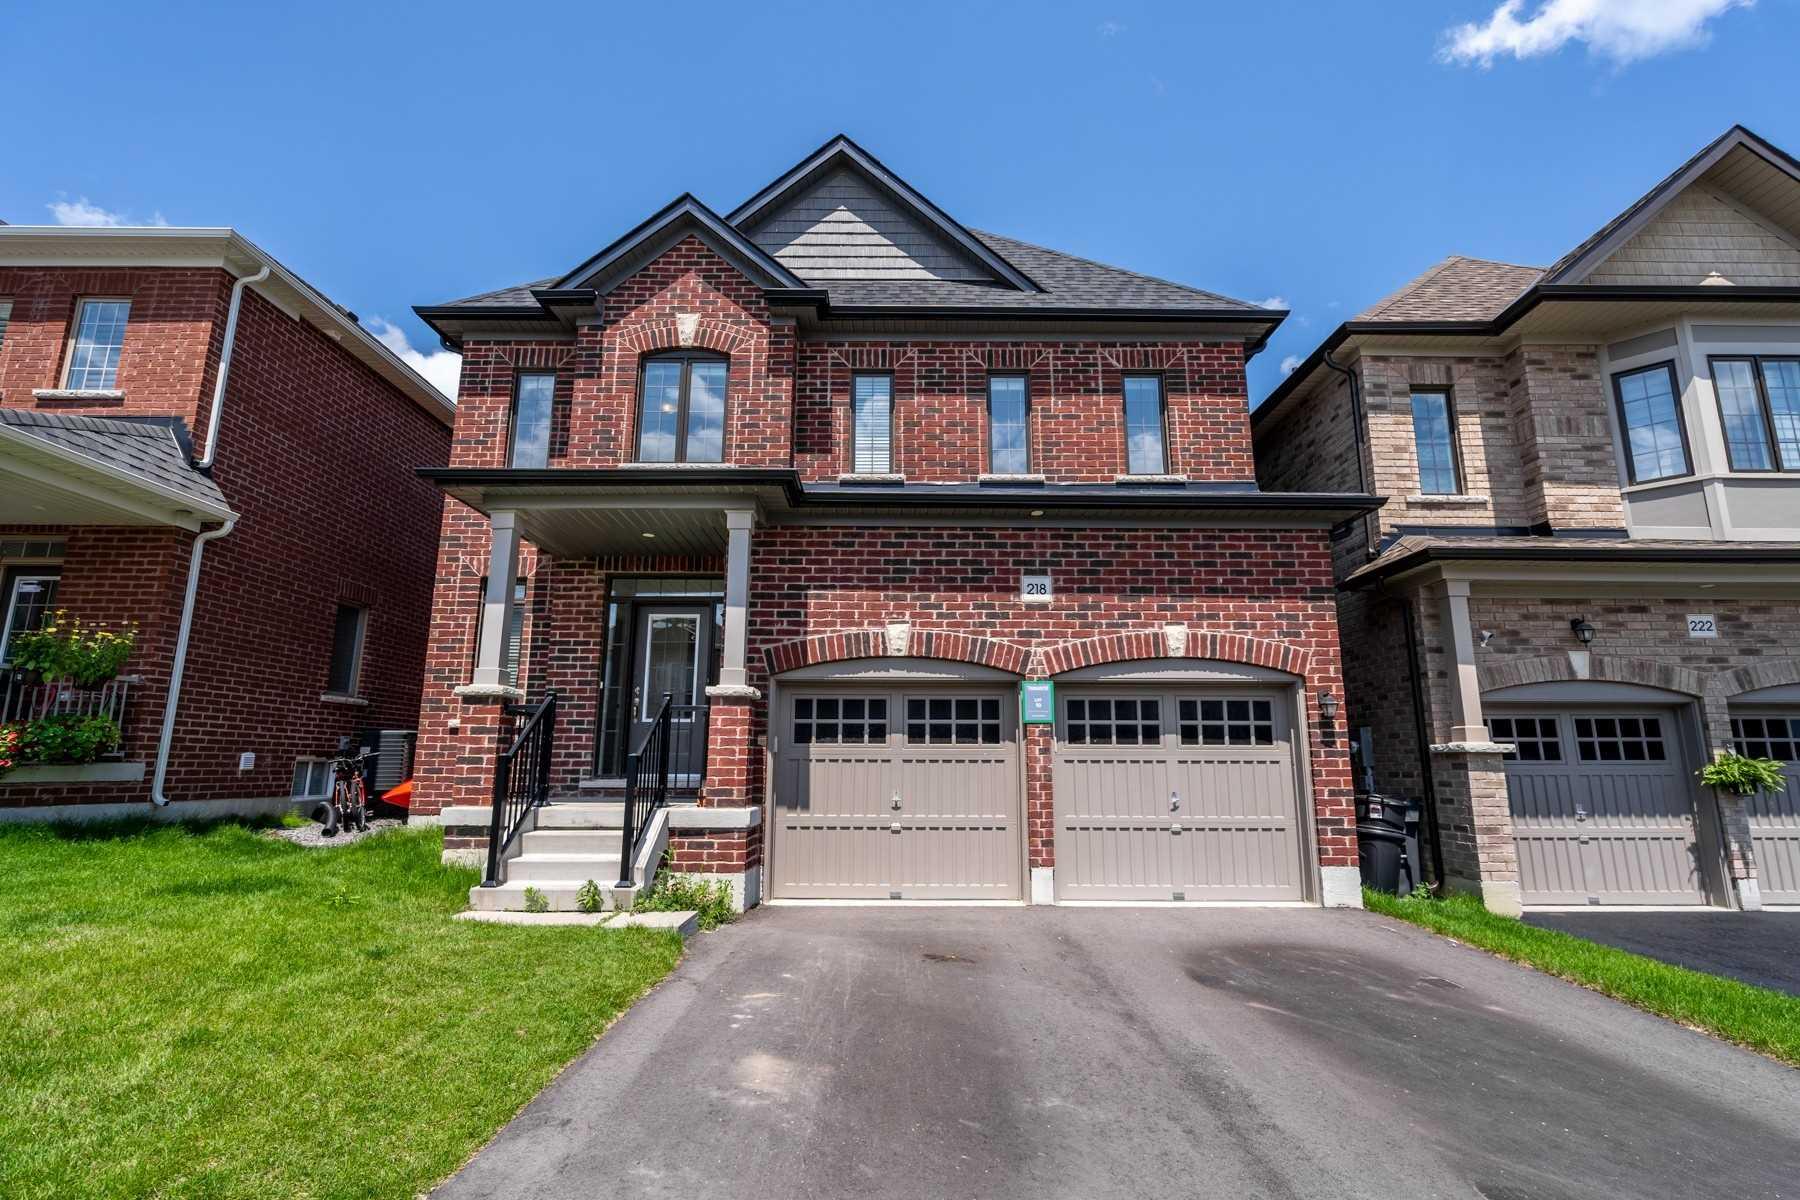 218 William Fair Dr, Clarington, Ontario L1C0T6, 4 Bedrooms Bedrooms, ,3 BathroomsBathrooms,Detached,For Sale,William Fair,E5316359